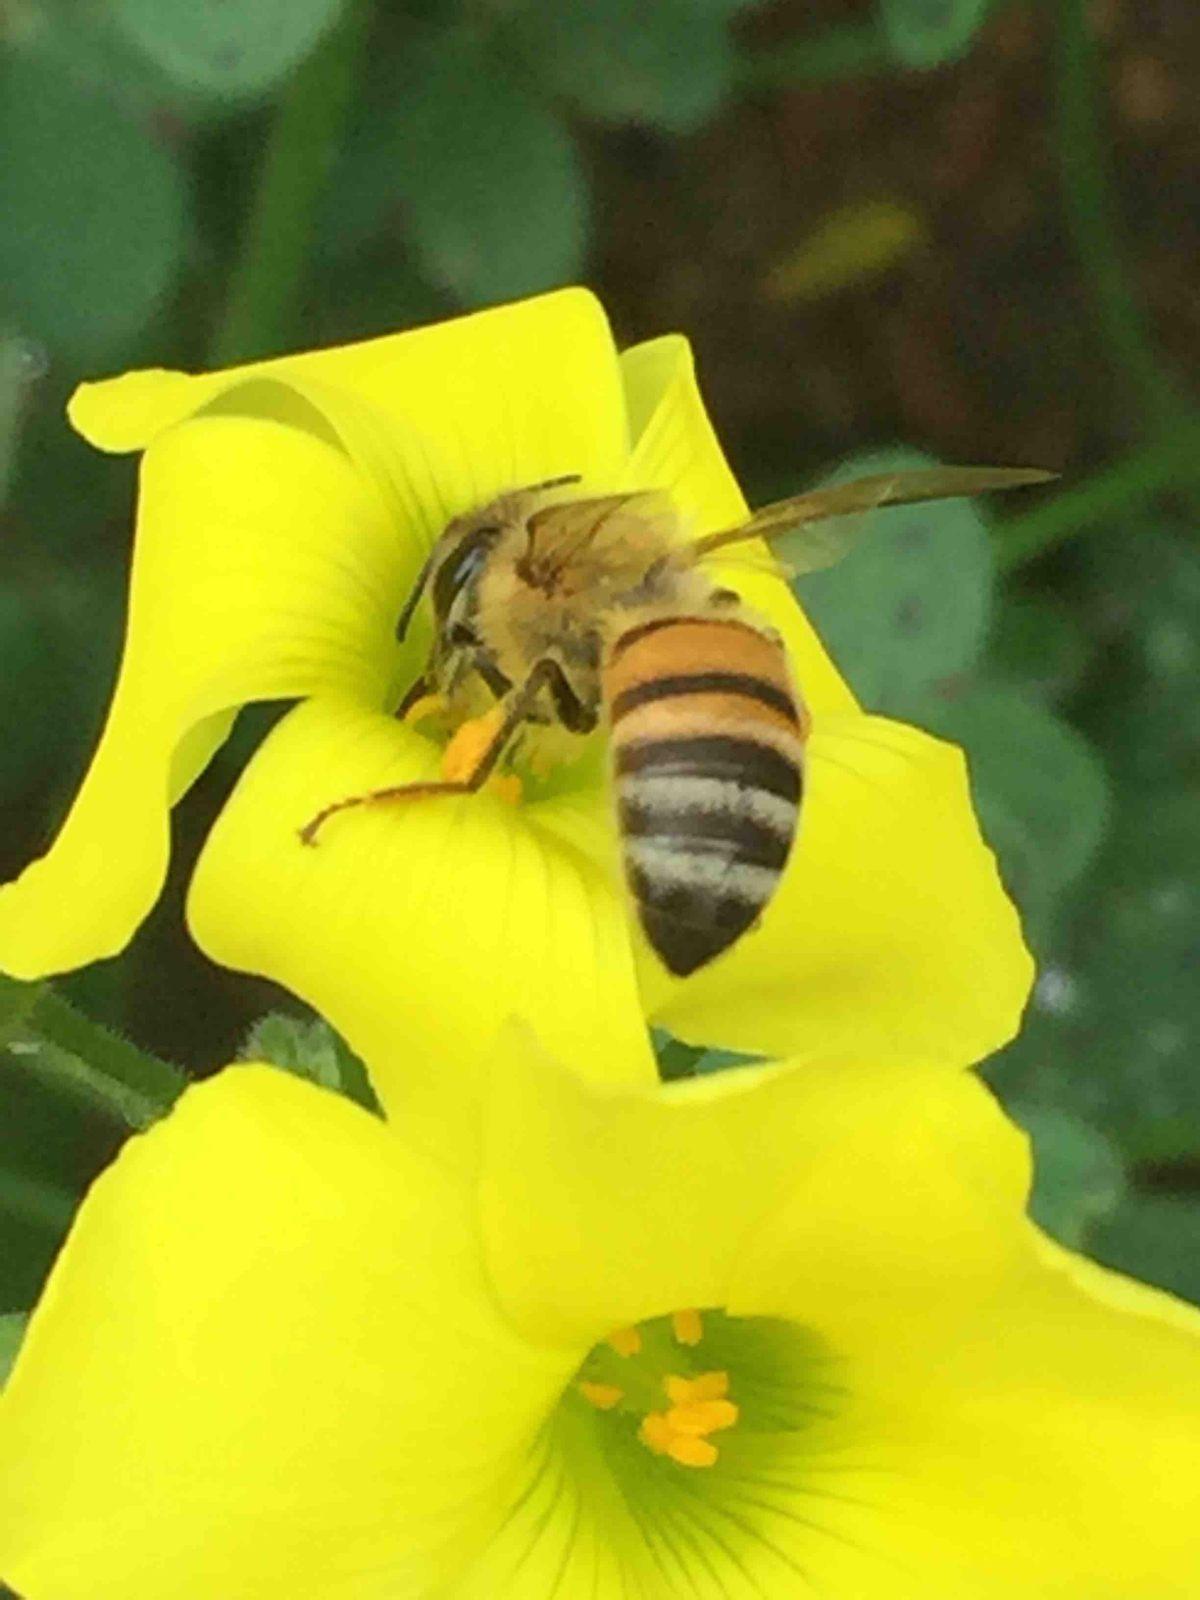 Bees - worker bee collecting pollen